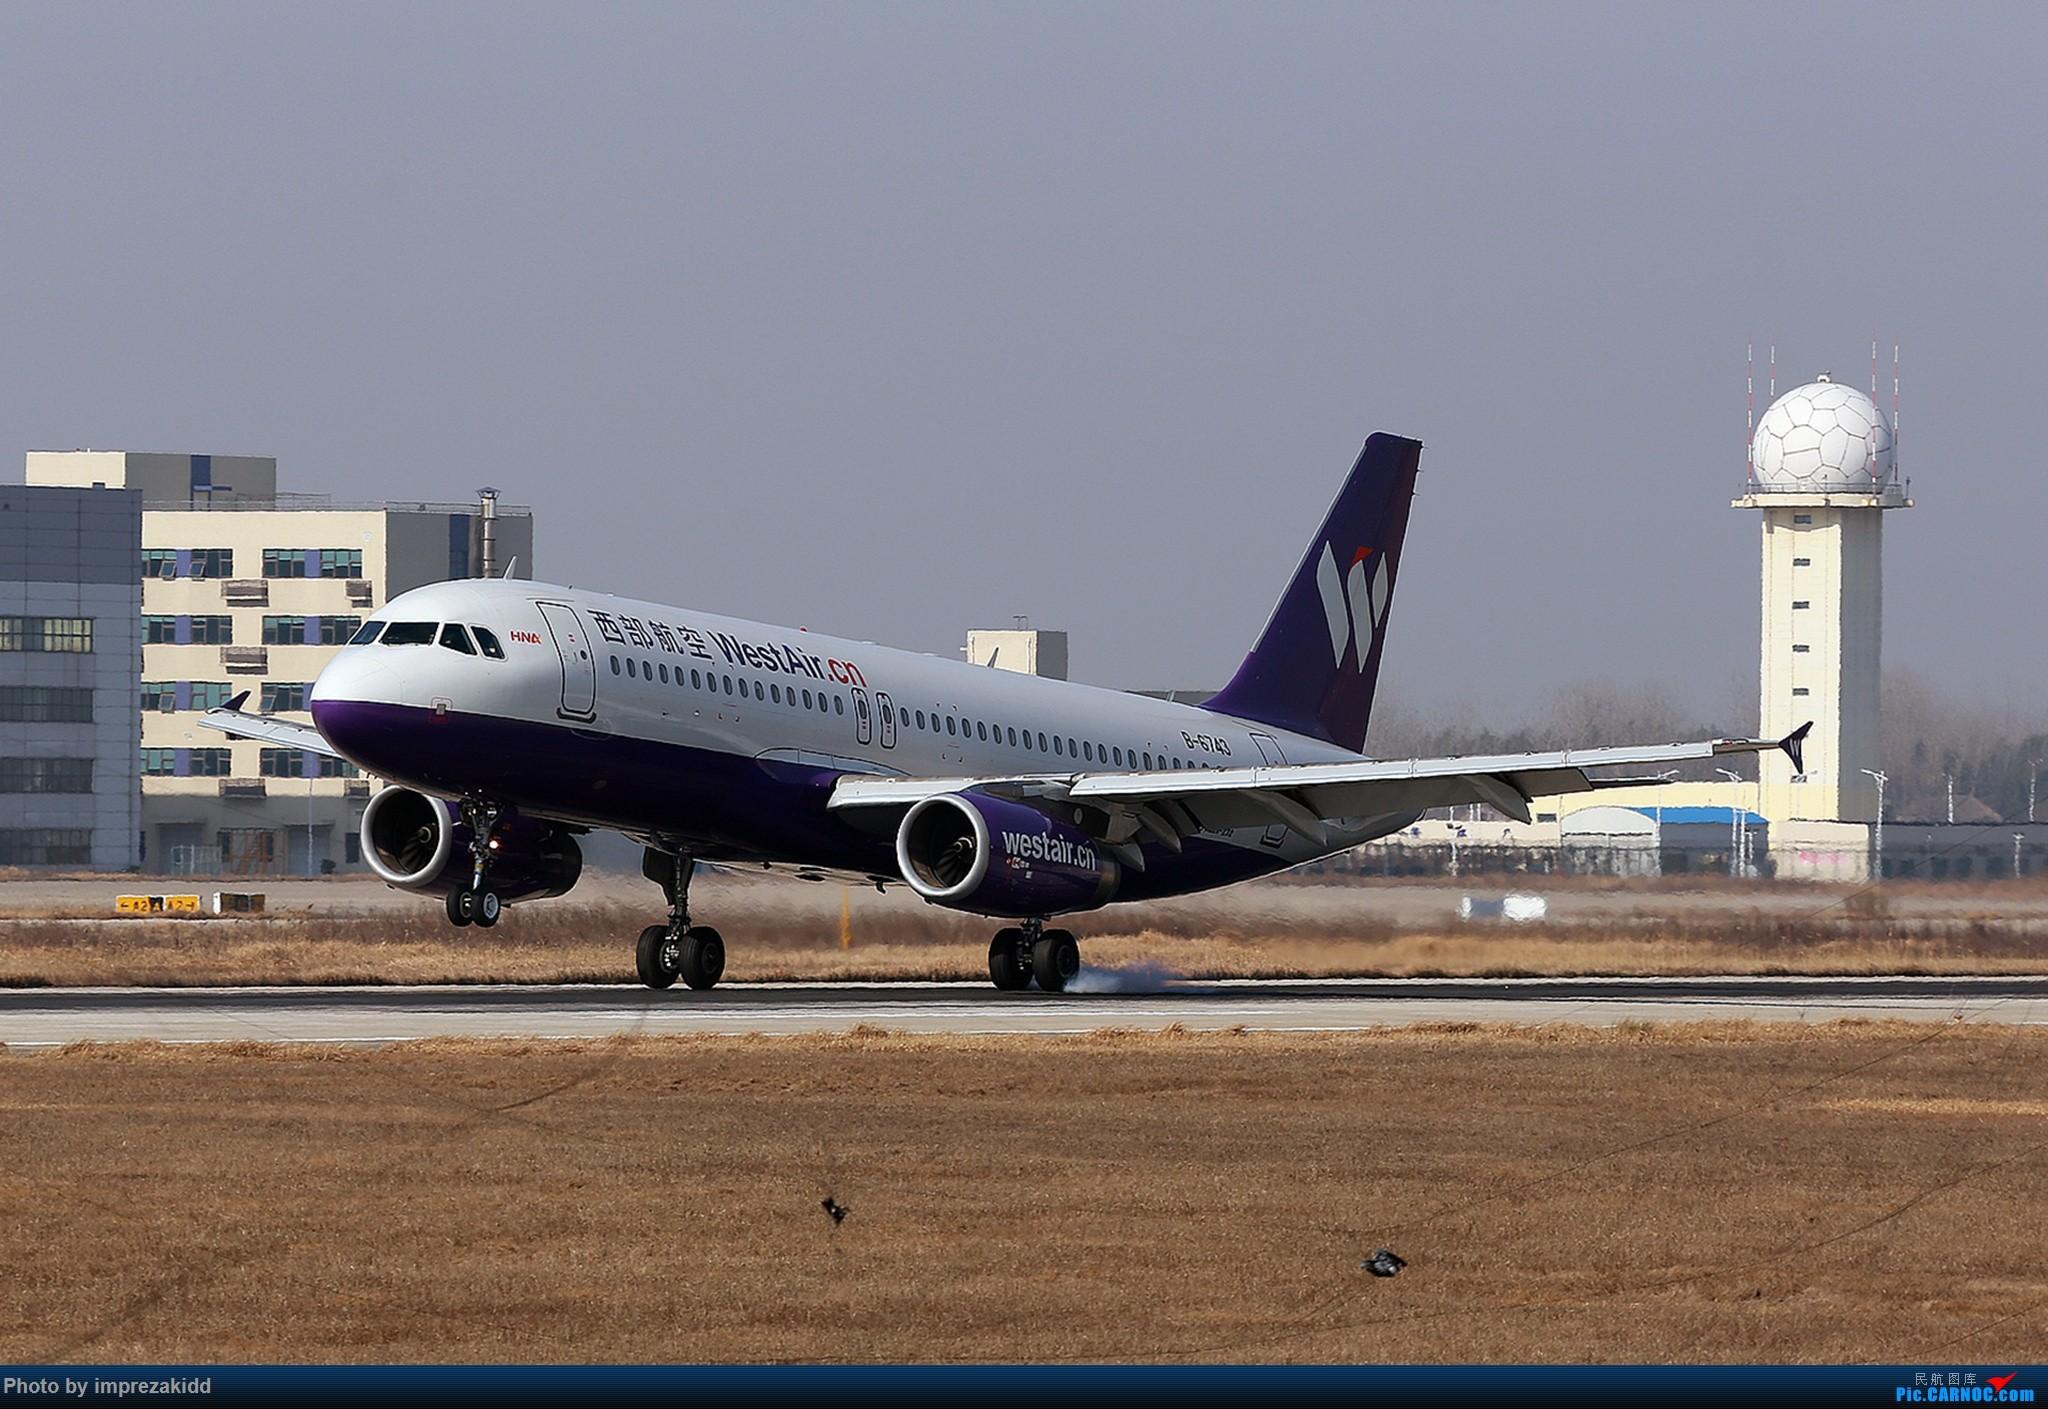 [原创]【合肥飞友会·霸都打机队】又是一年拍机时《上半场》 AIRBUS A320-200 B-6743 新桥